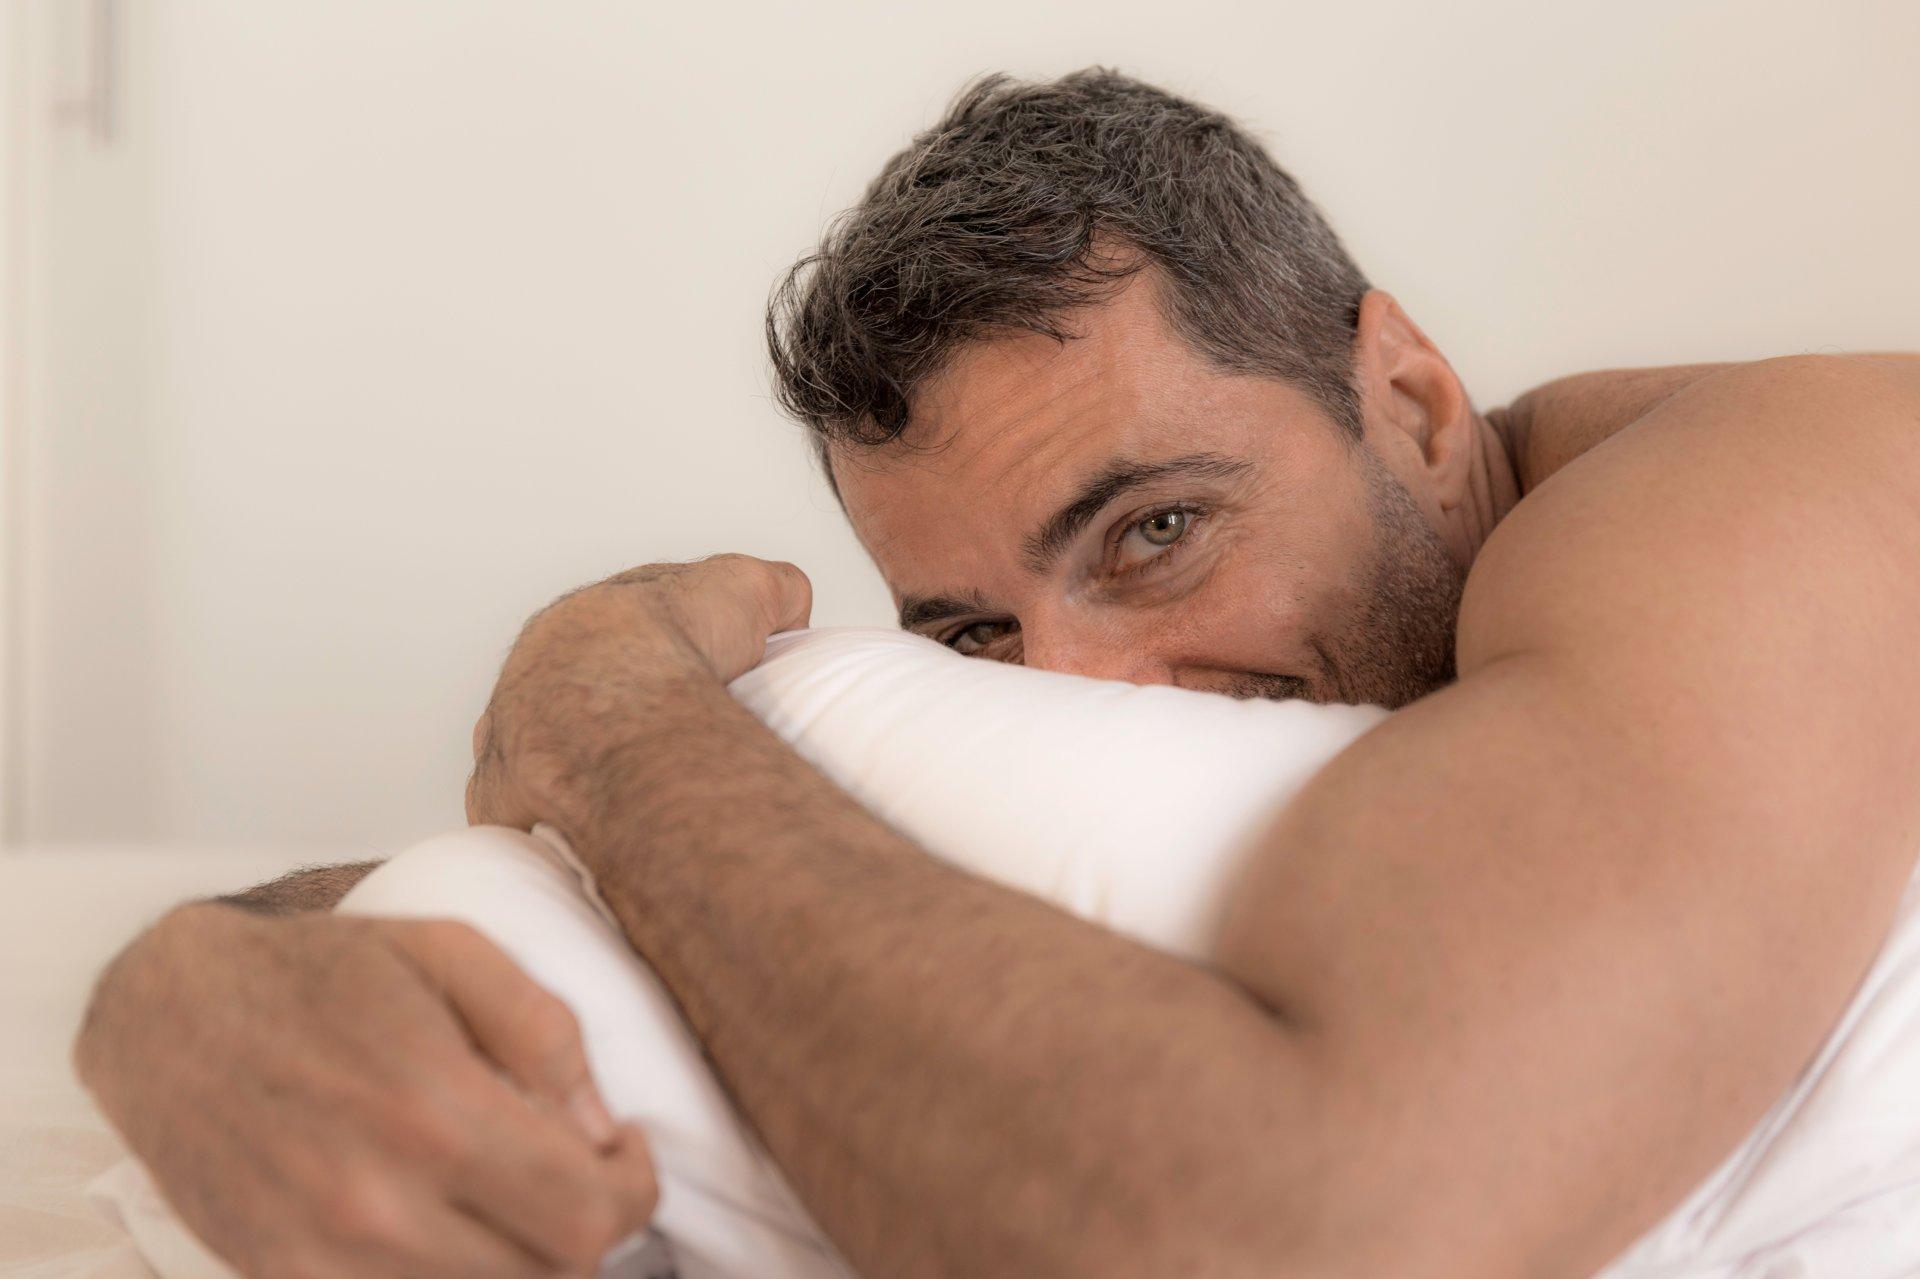 rytinė erekcija ne kiekvieną rytą kaip padidinti dick 3-4 ziureti internete